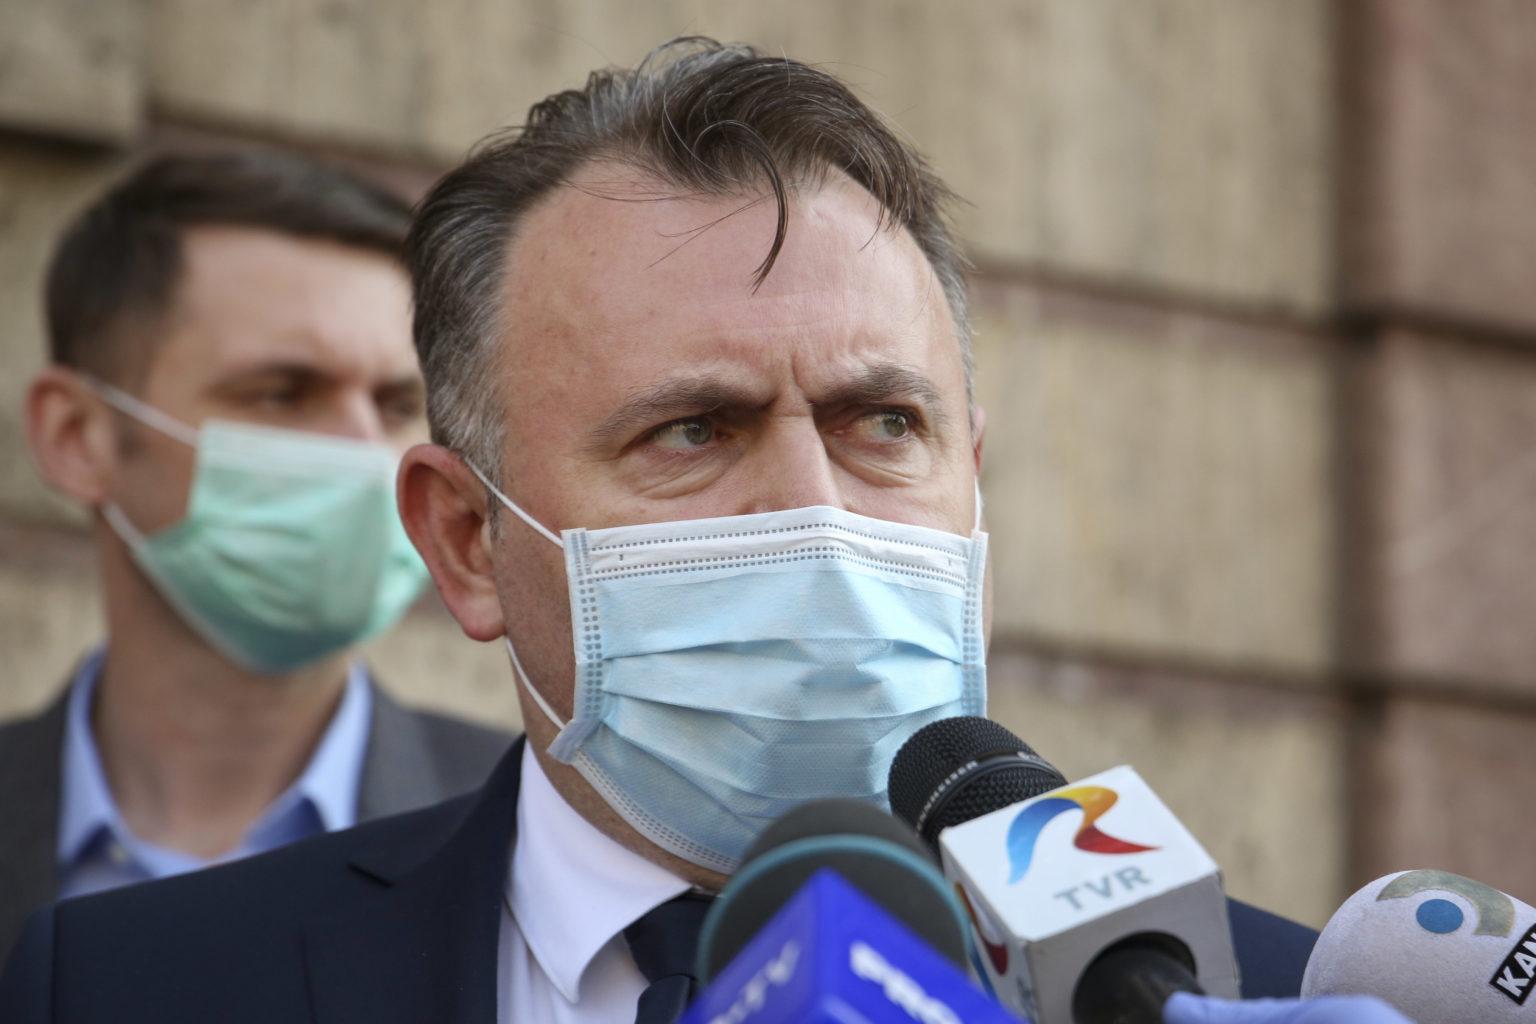 Tătaru: Spitalizarea pacienţilor cu coronavirus nu poate fi condiţionată în prezent; medicul de familie trebuie să acorde concediu medical